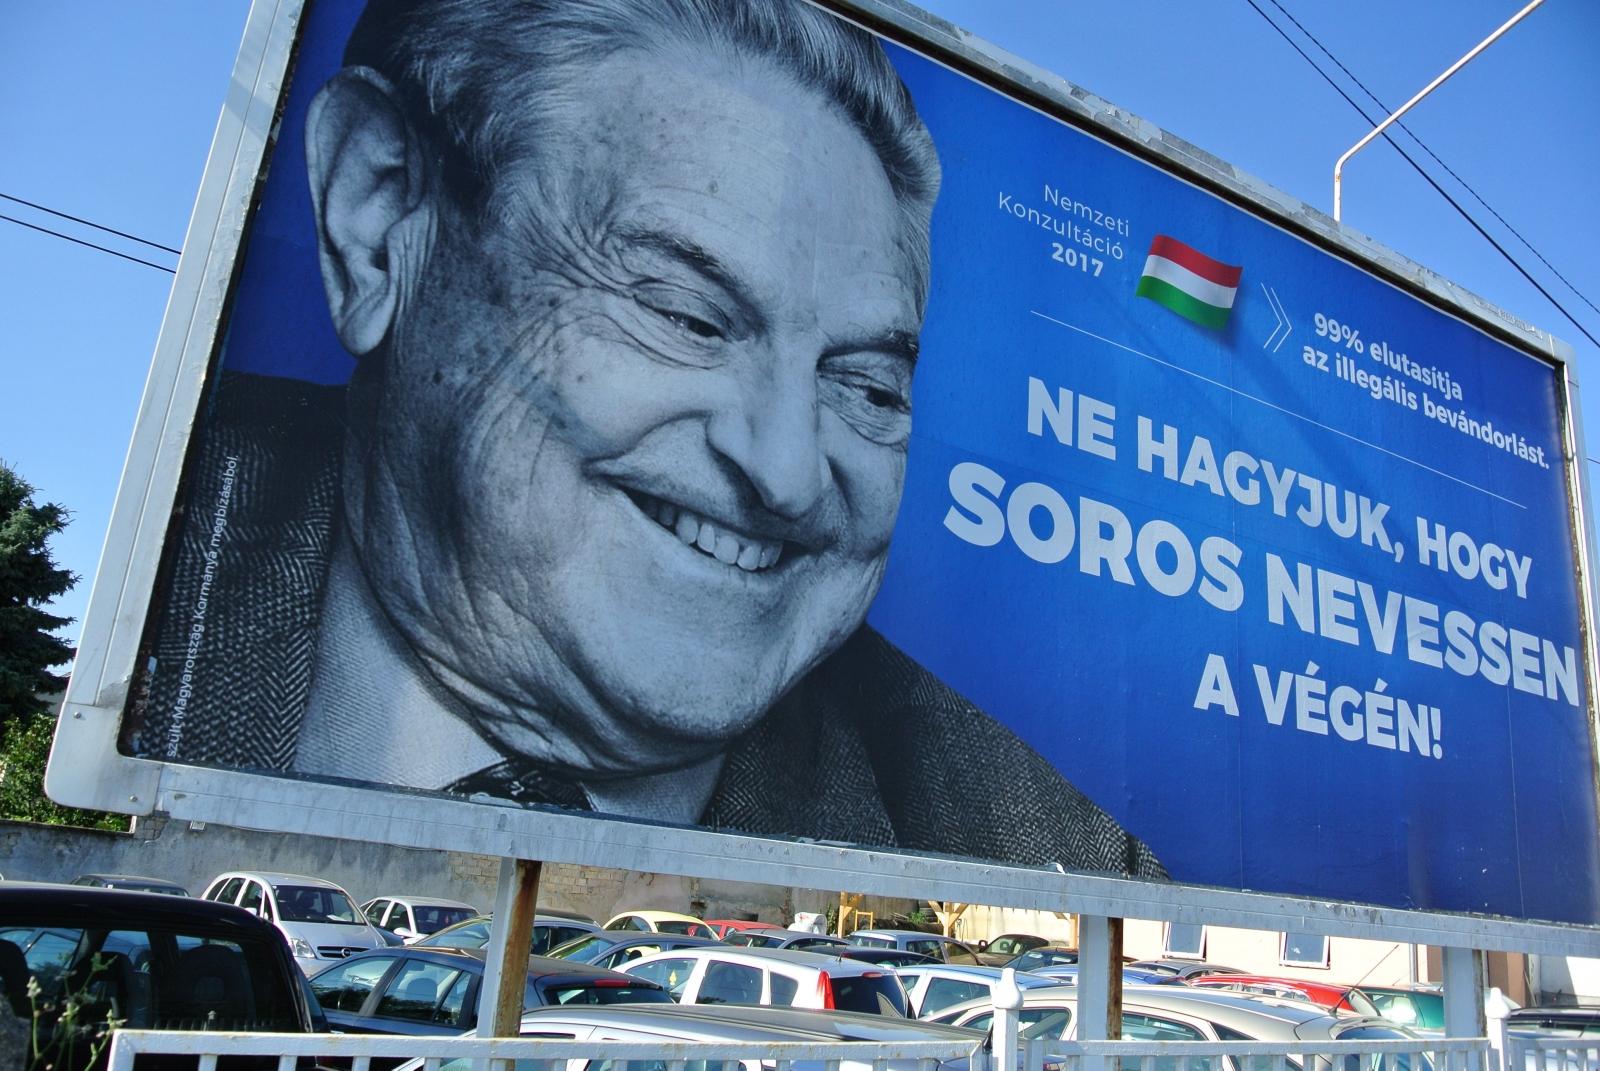 George Soros poster